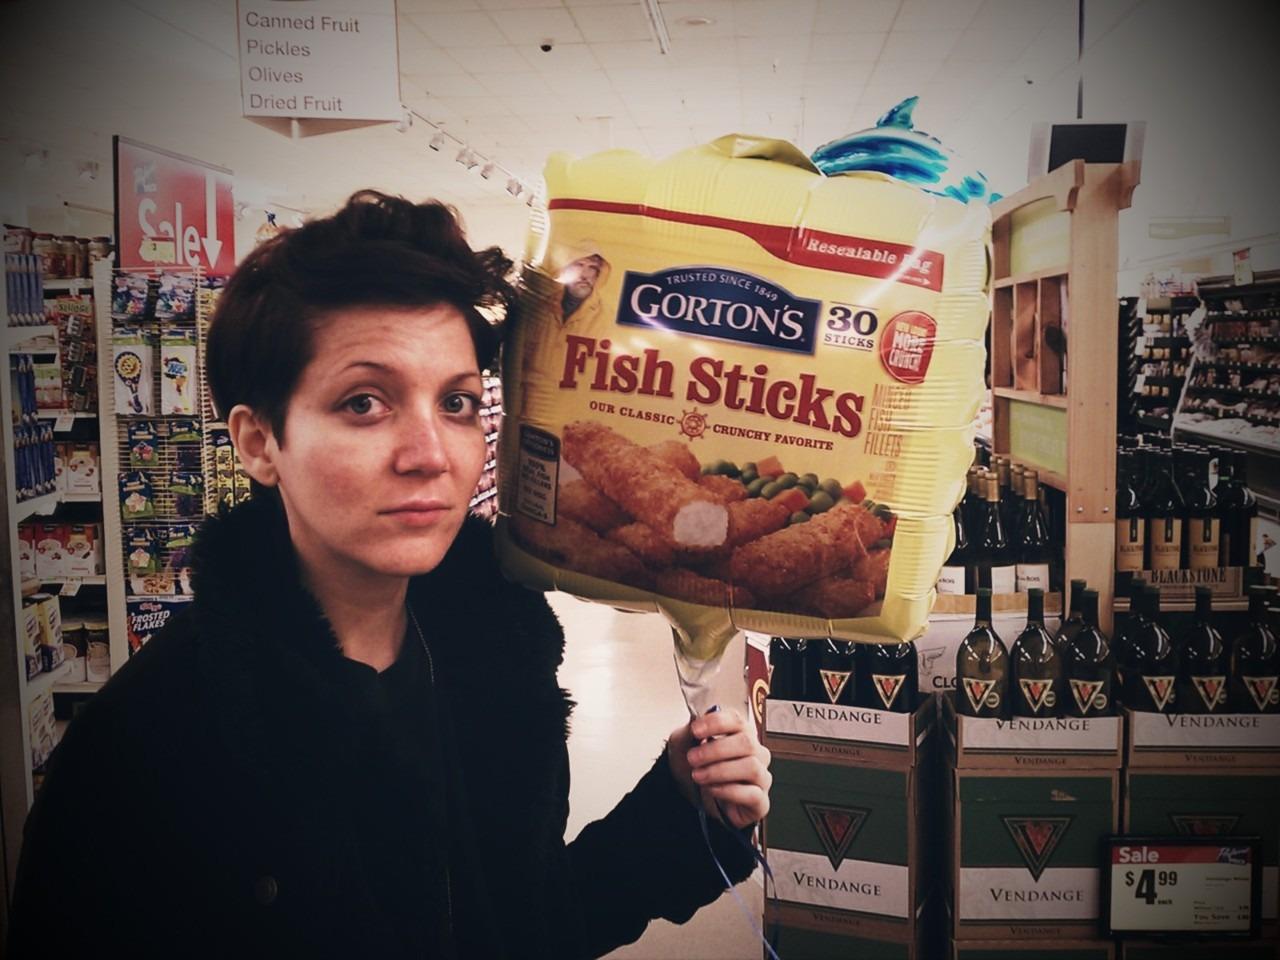 Fukin Fish Sticks Balloon. #FishSticksBalloon